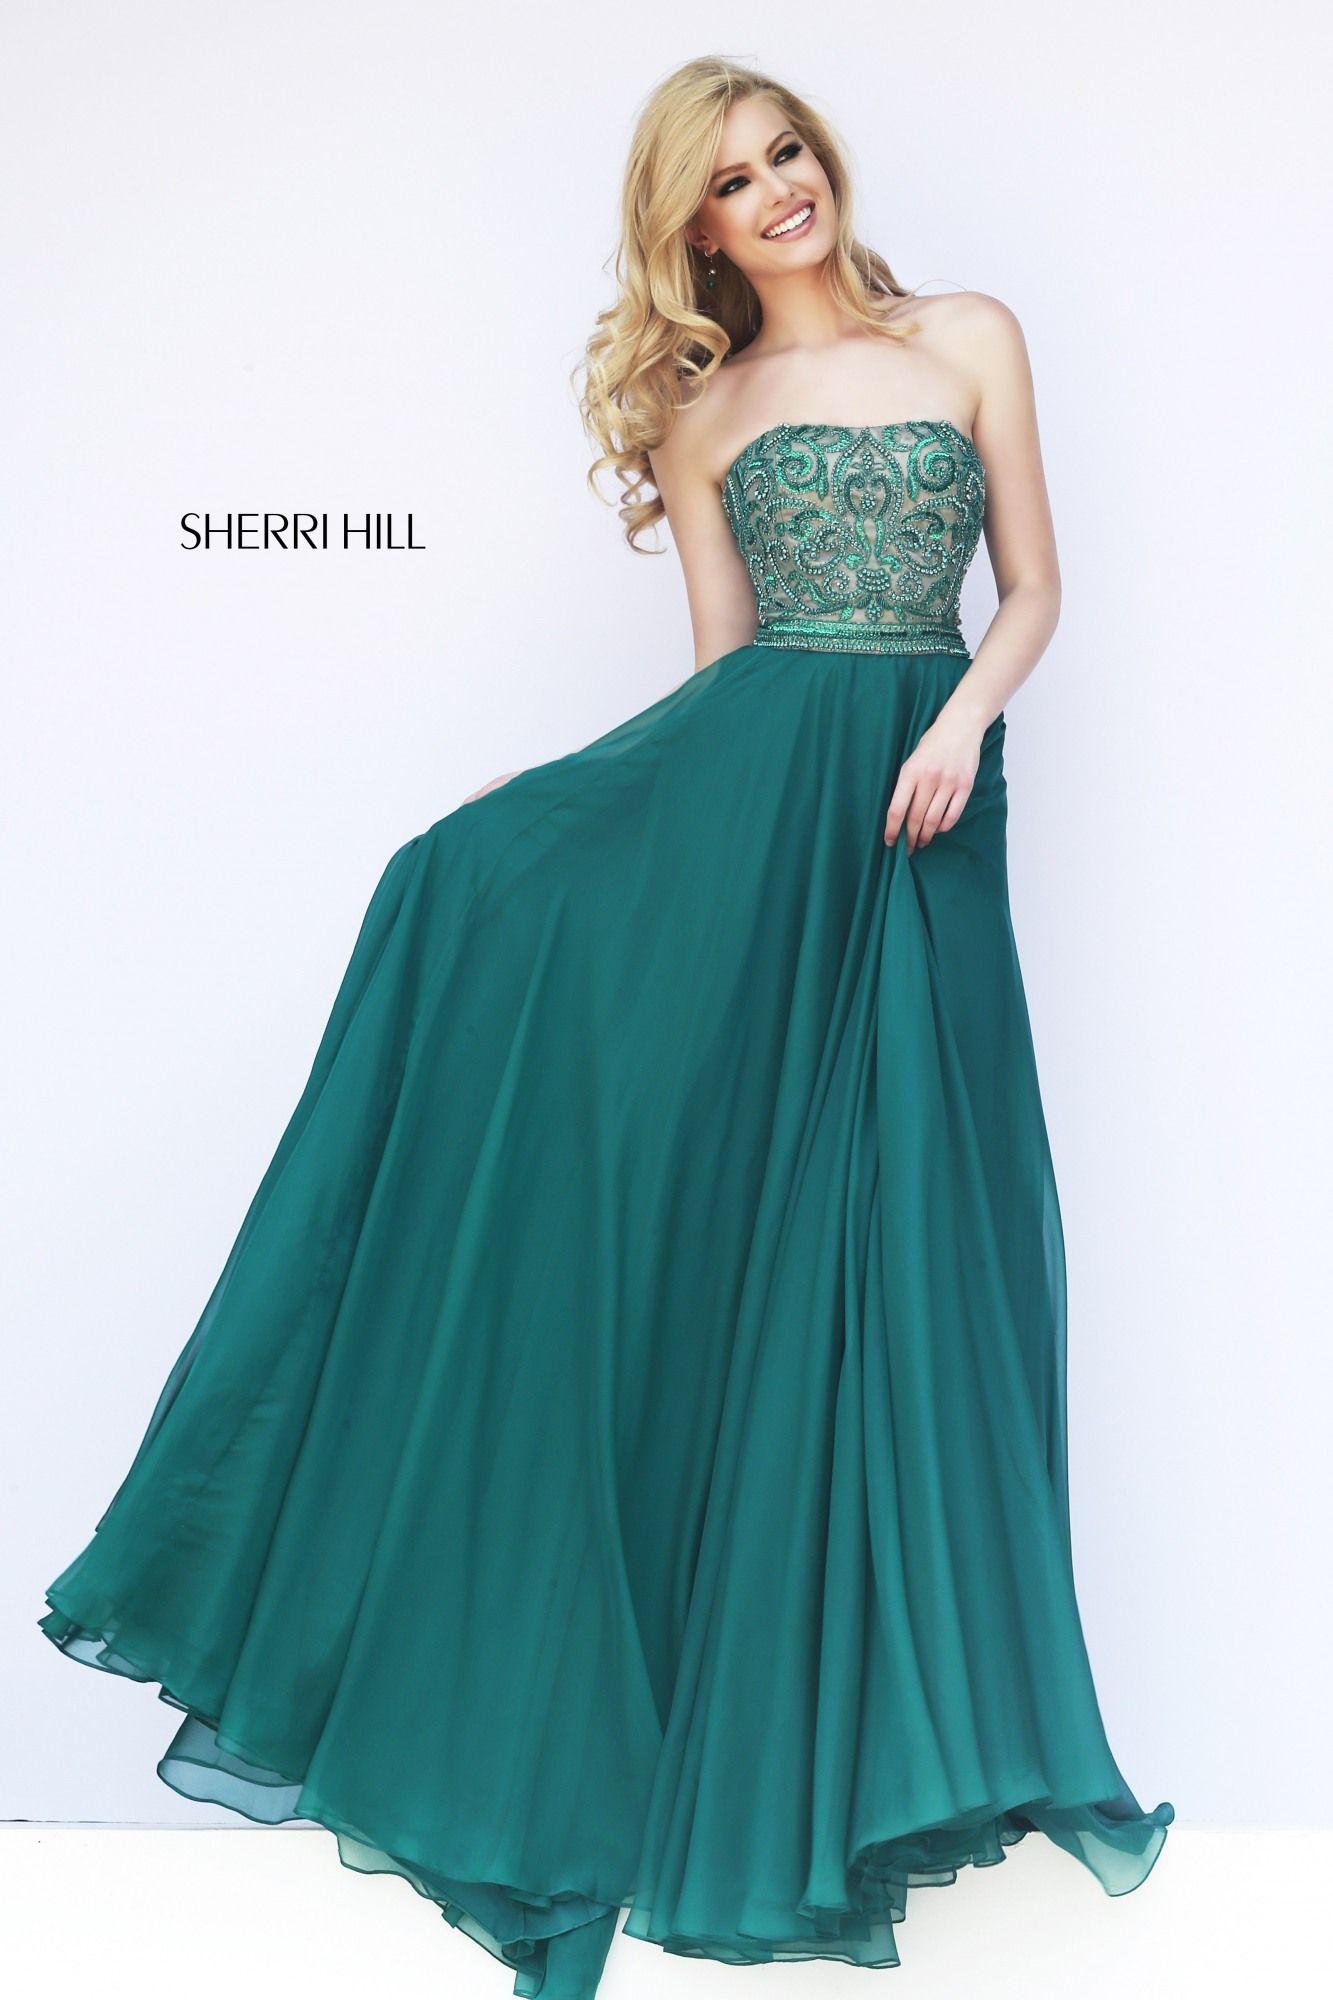 Utah Prom Prom Dress Green Prom Dress Teal Prom Dress Strapless ...